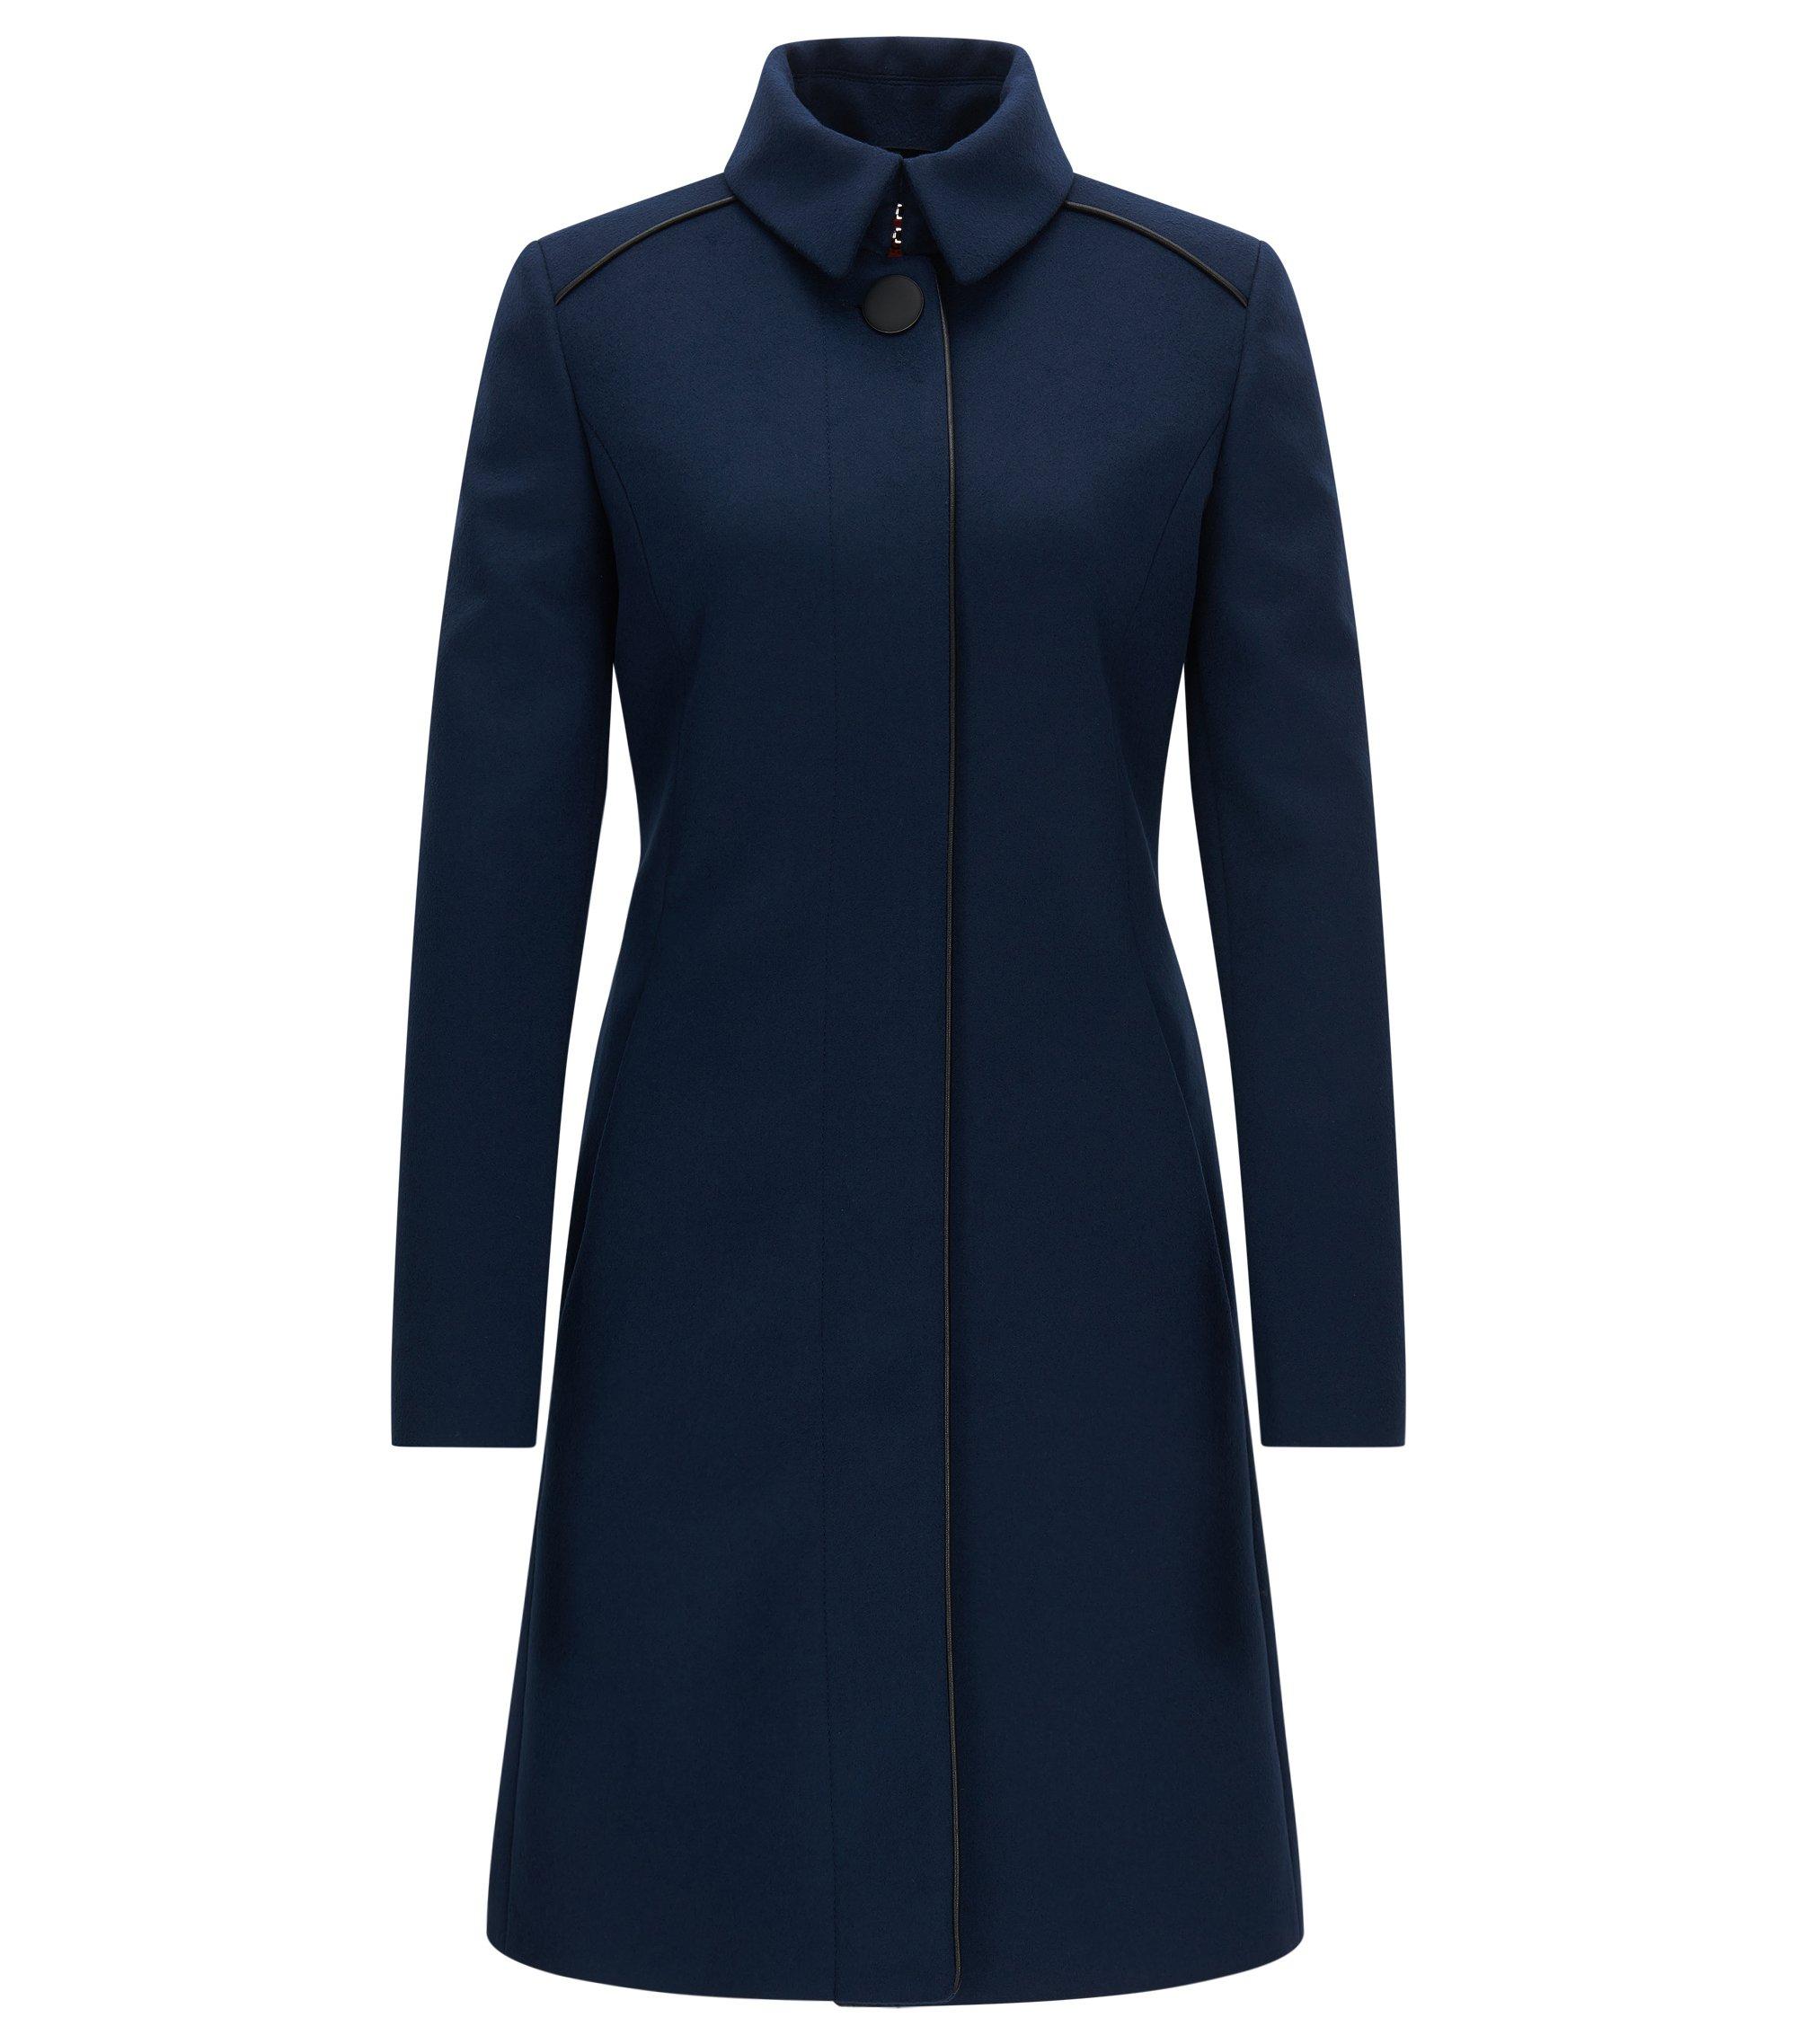 Manteau Slim Fit en laine mélangée à passepoils contrastants, Bleu foncé